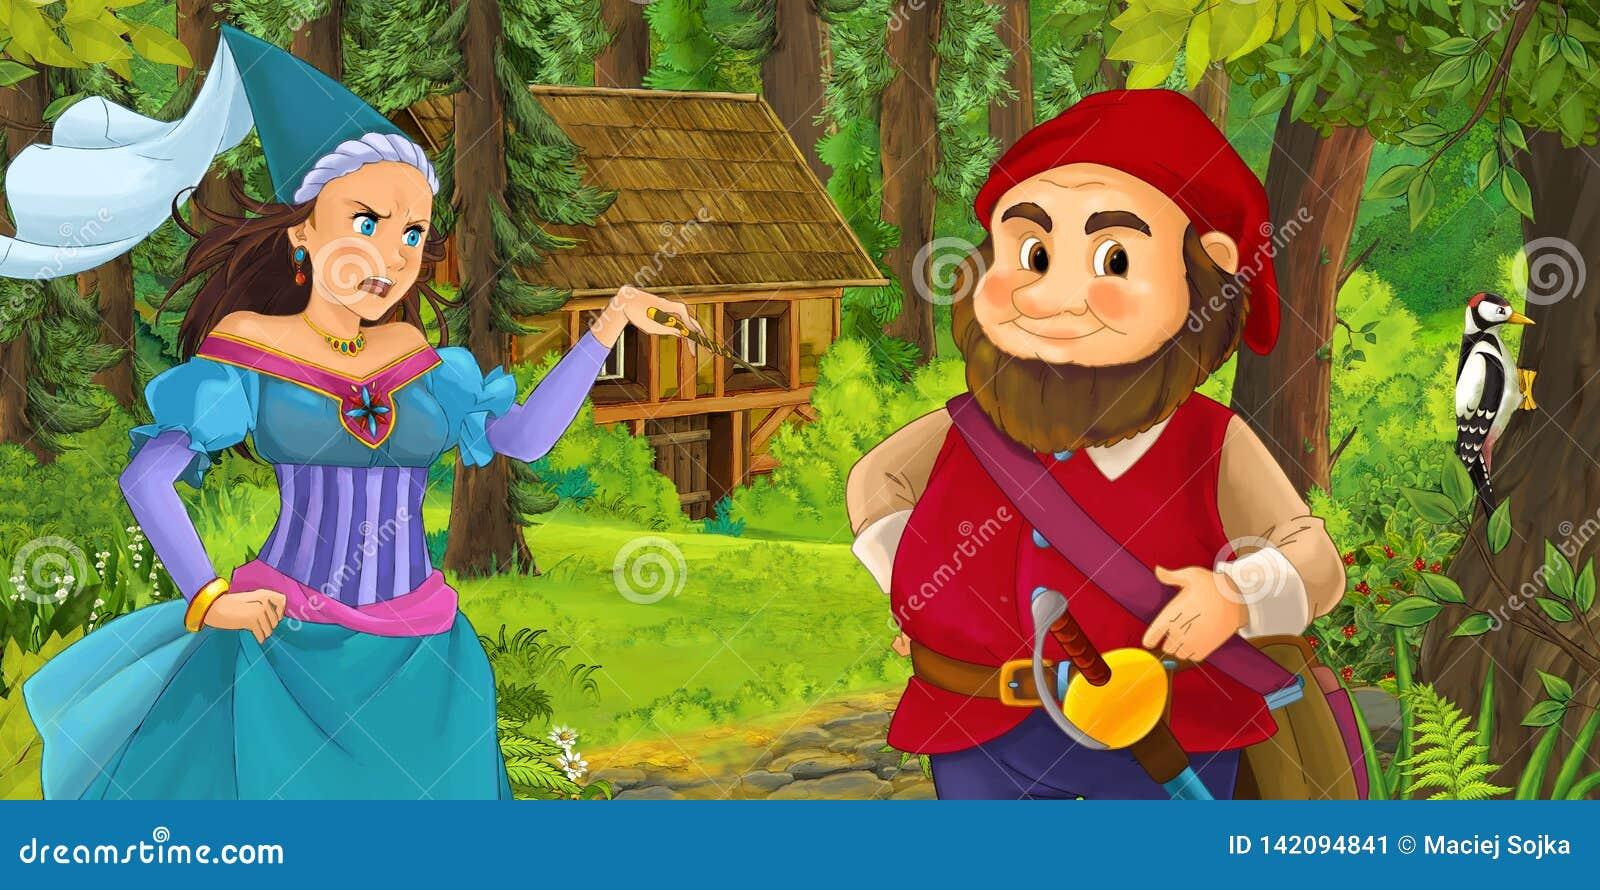 Escena de la historieta con el príncipe enano joven que viaja y que encuentra la bruja de la princesa y la casa de madera ocultad